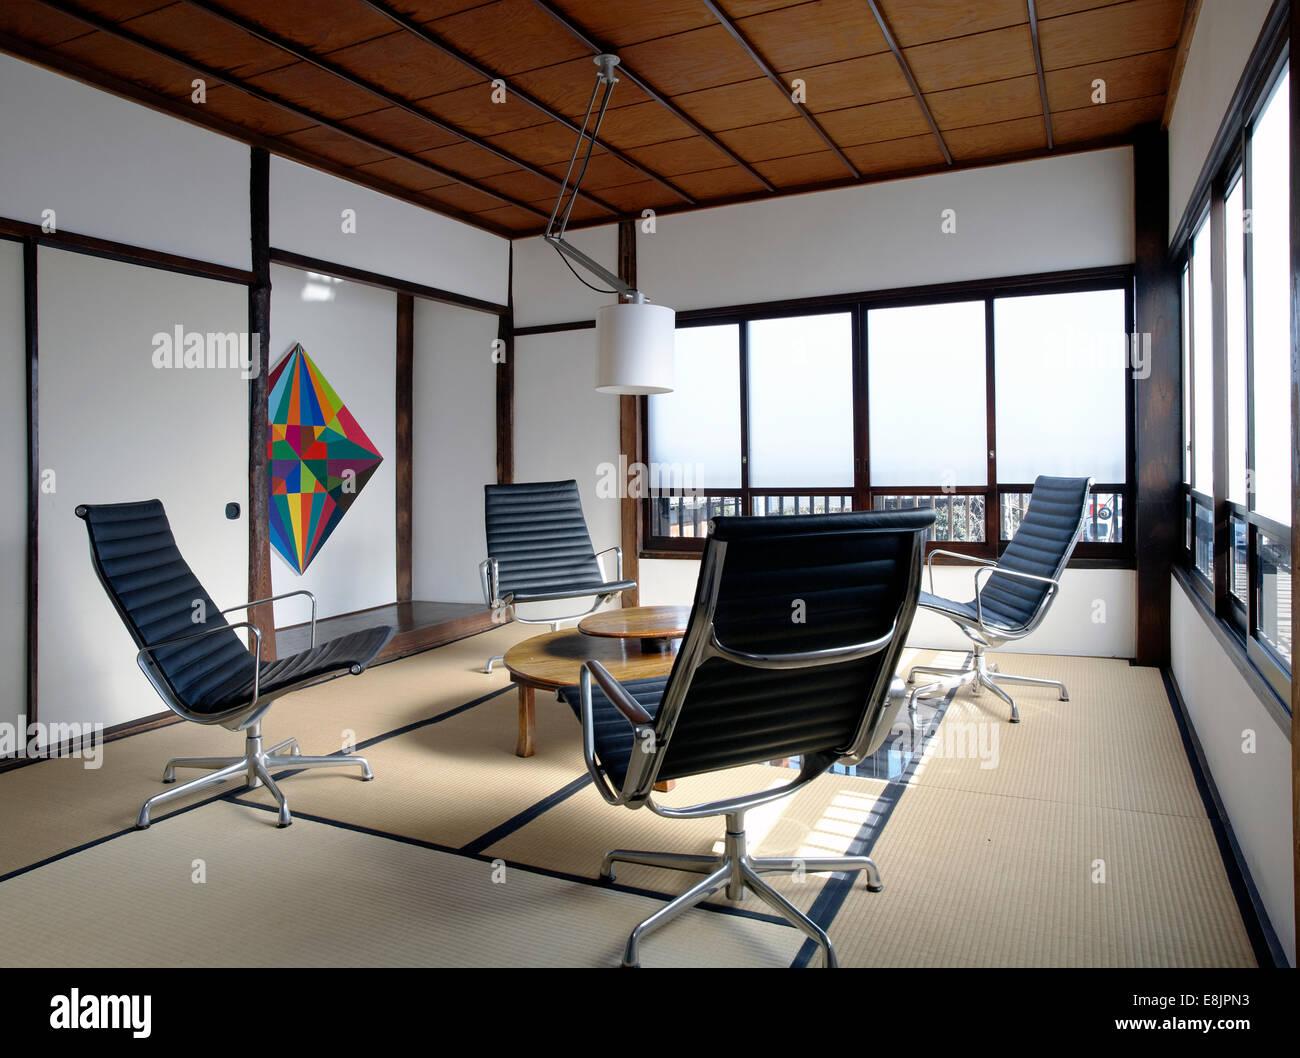 Zeitgenössische Tatami Zimmer Mit Charles Eames Bürostühle In Eine  Japanische Wohnung In Tokio Stockbild